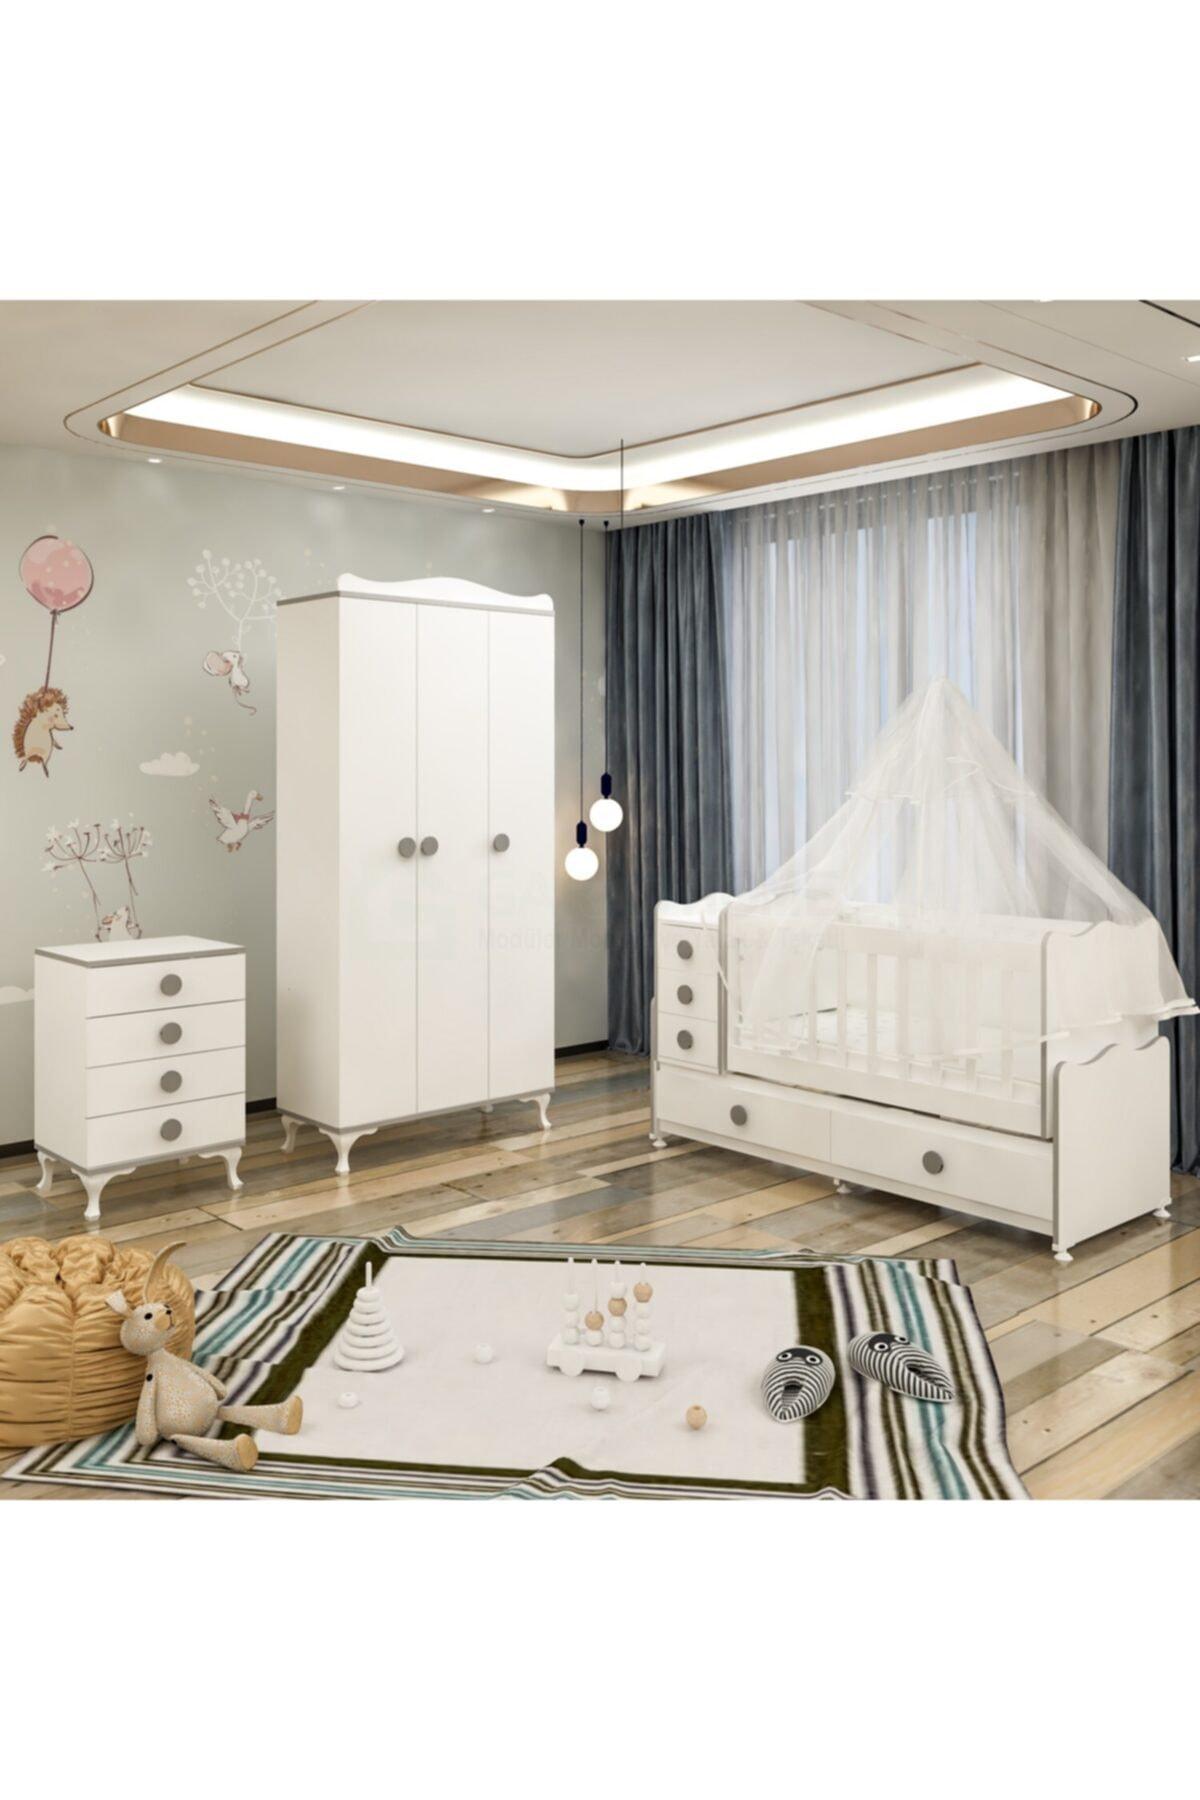 Yıldız 3 Kapaklı Bebek Odası Takımı Gri Yatak Ve Uyku Seti Kombinli Gri Uykusetli